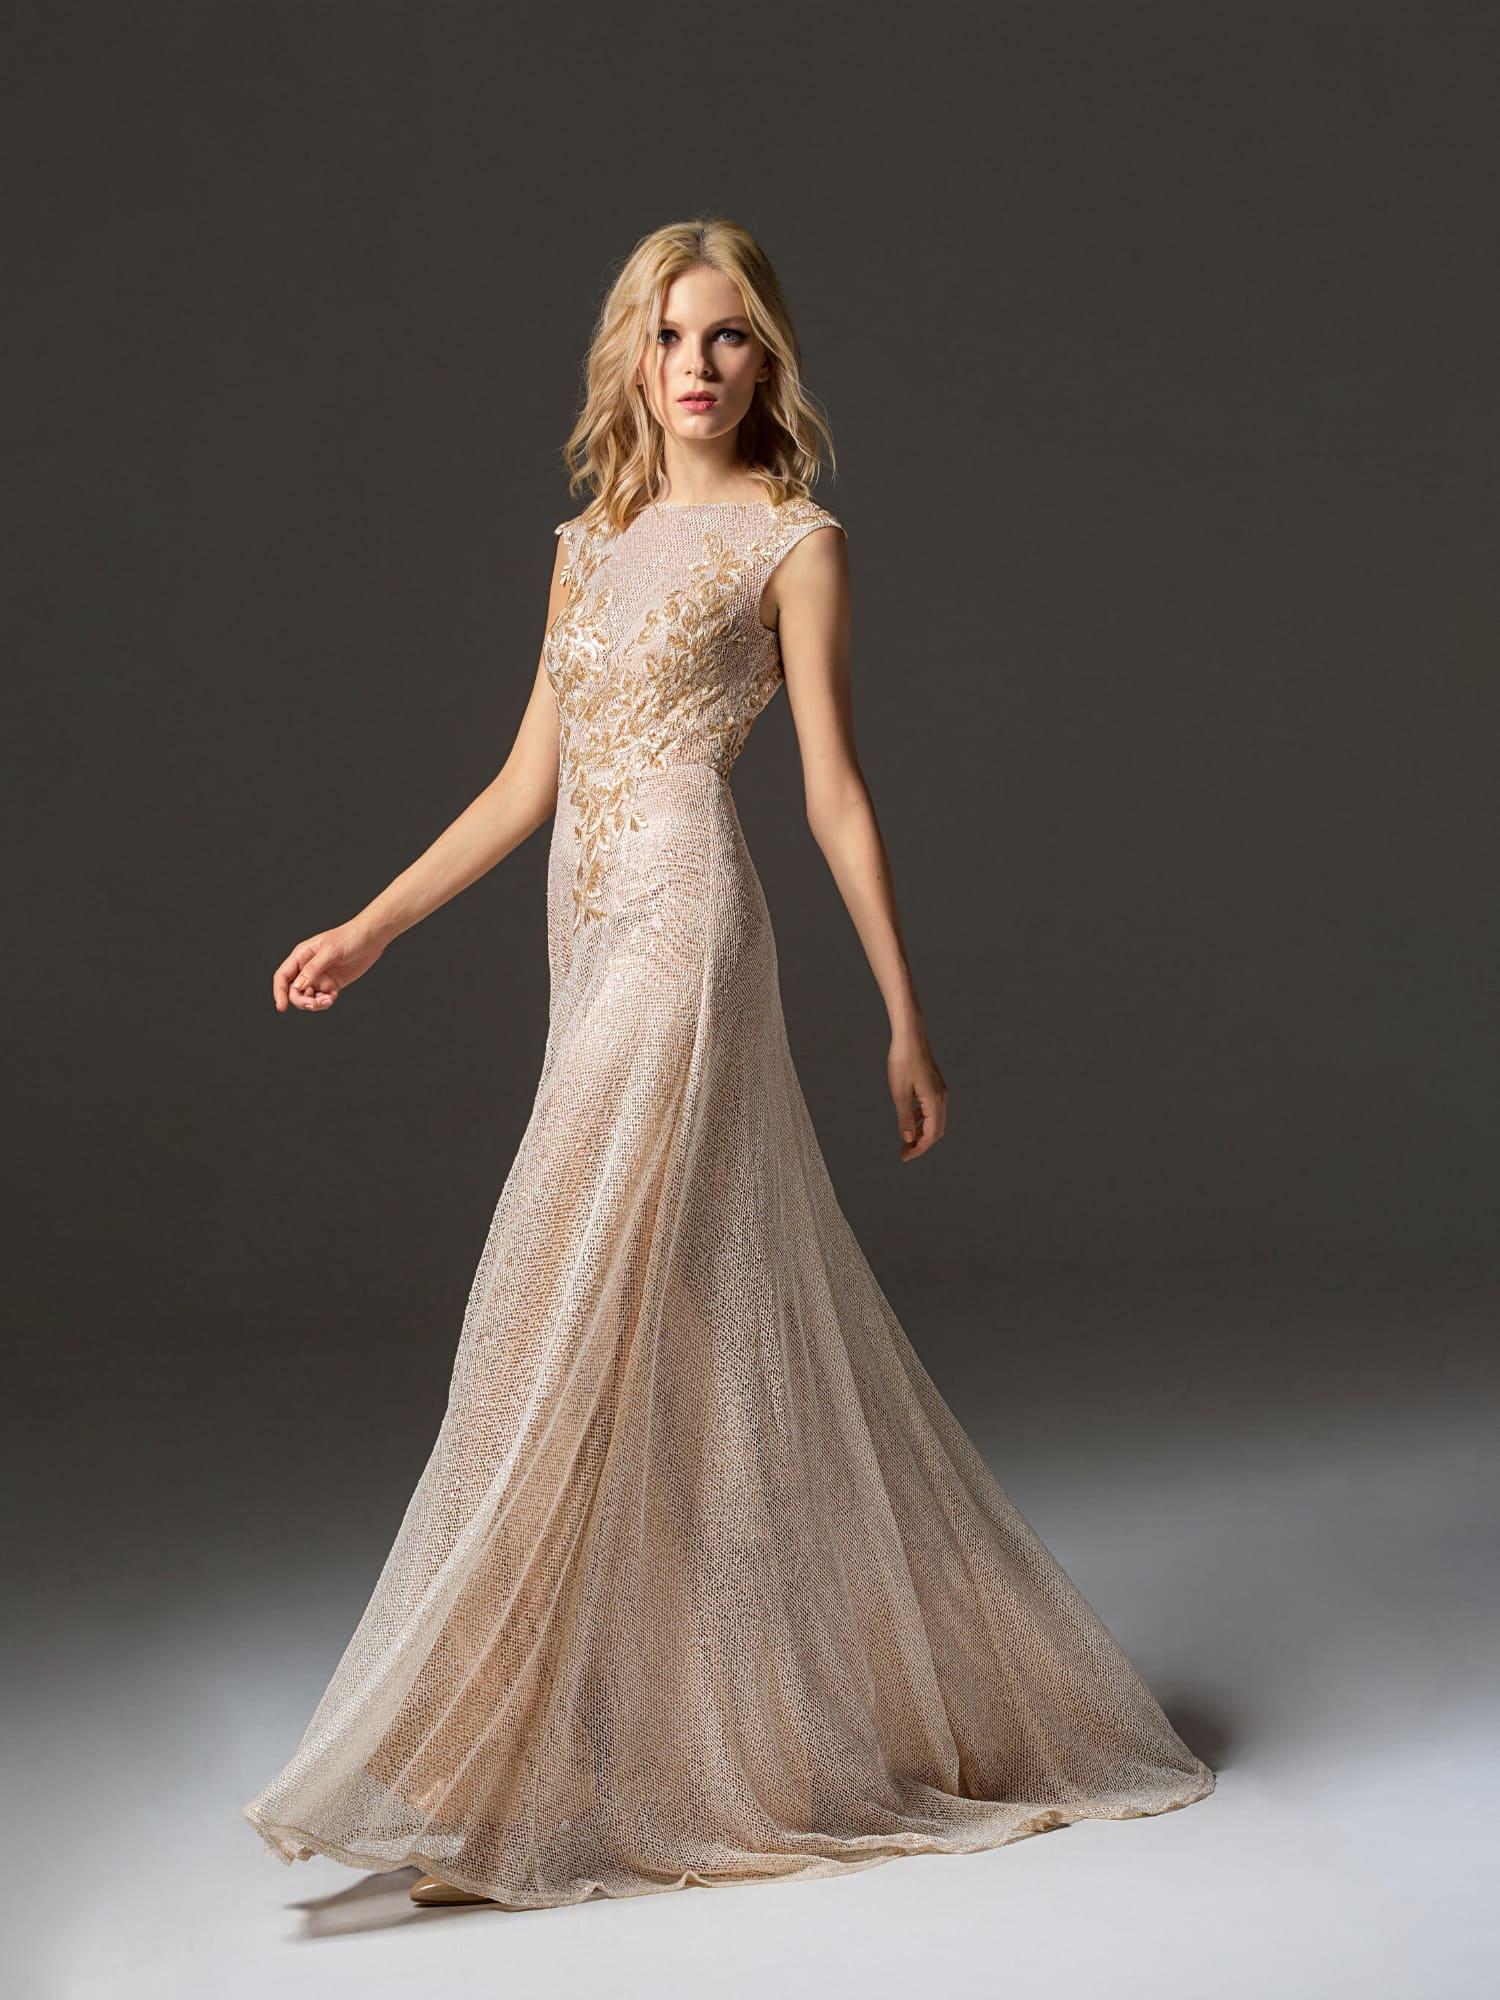 cc337f8d55b07fd Платье на выпускной золотого цвета PV0351. Купить вечернее платье в ...